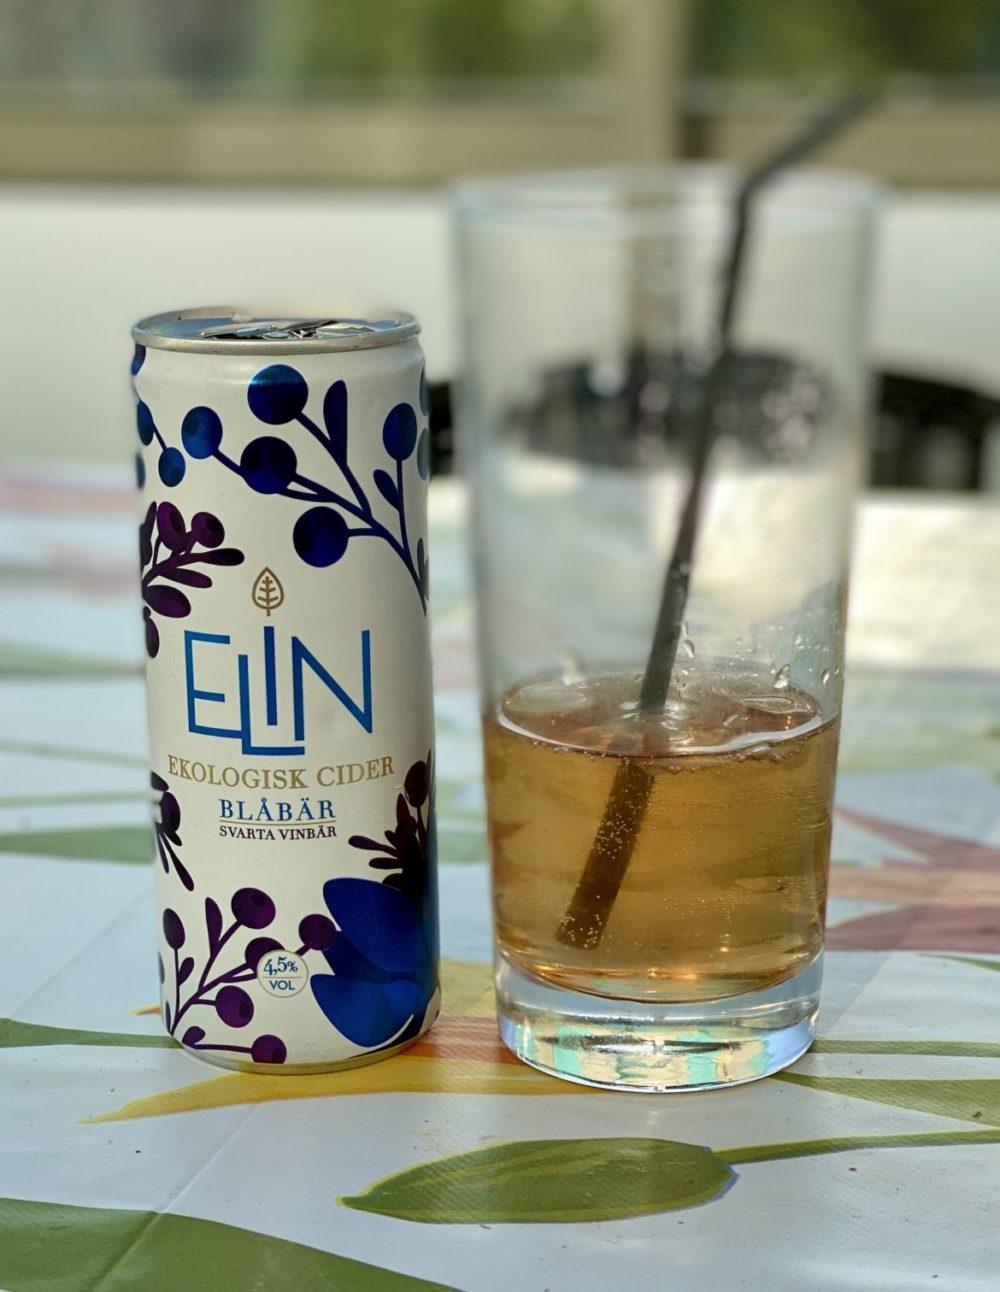 Elin ekologisk cider blåbär svarta vinbär